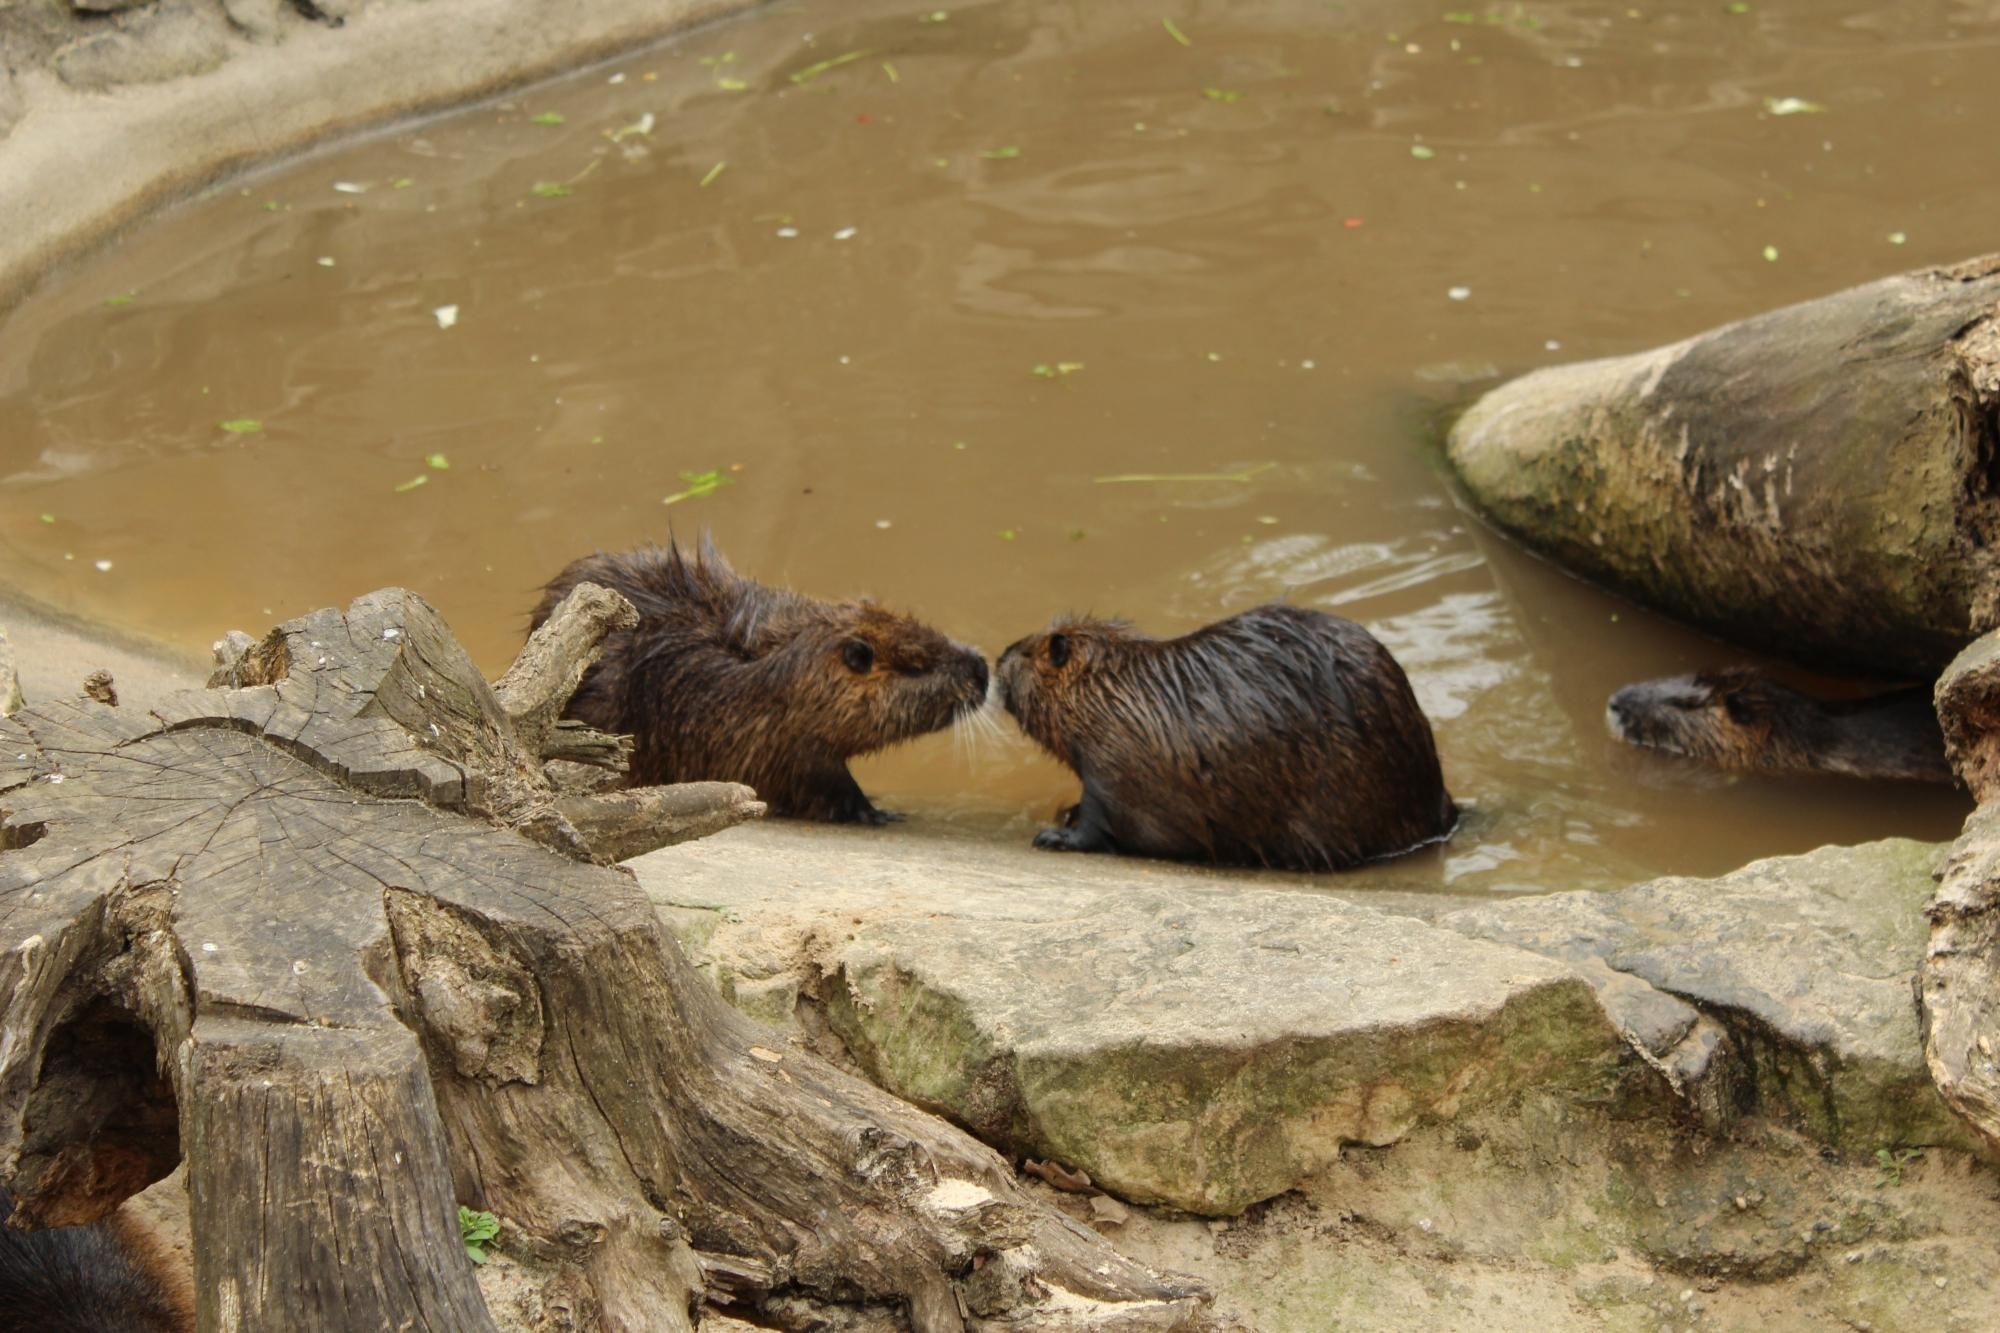 Zoologischer Garten Berlin Zoo Zoo Trip Advisor Endangered Animals